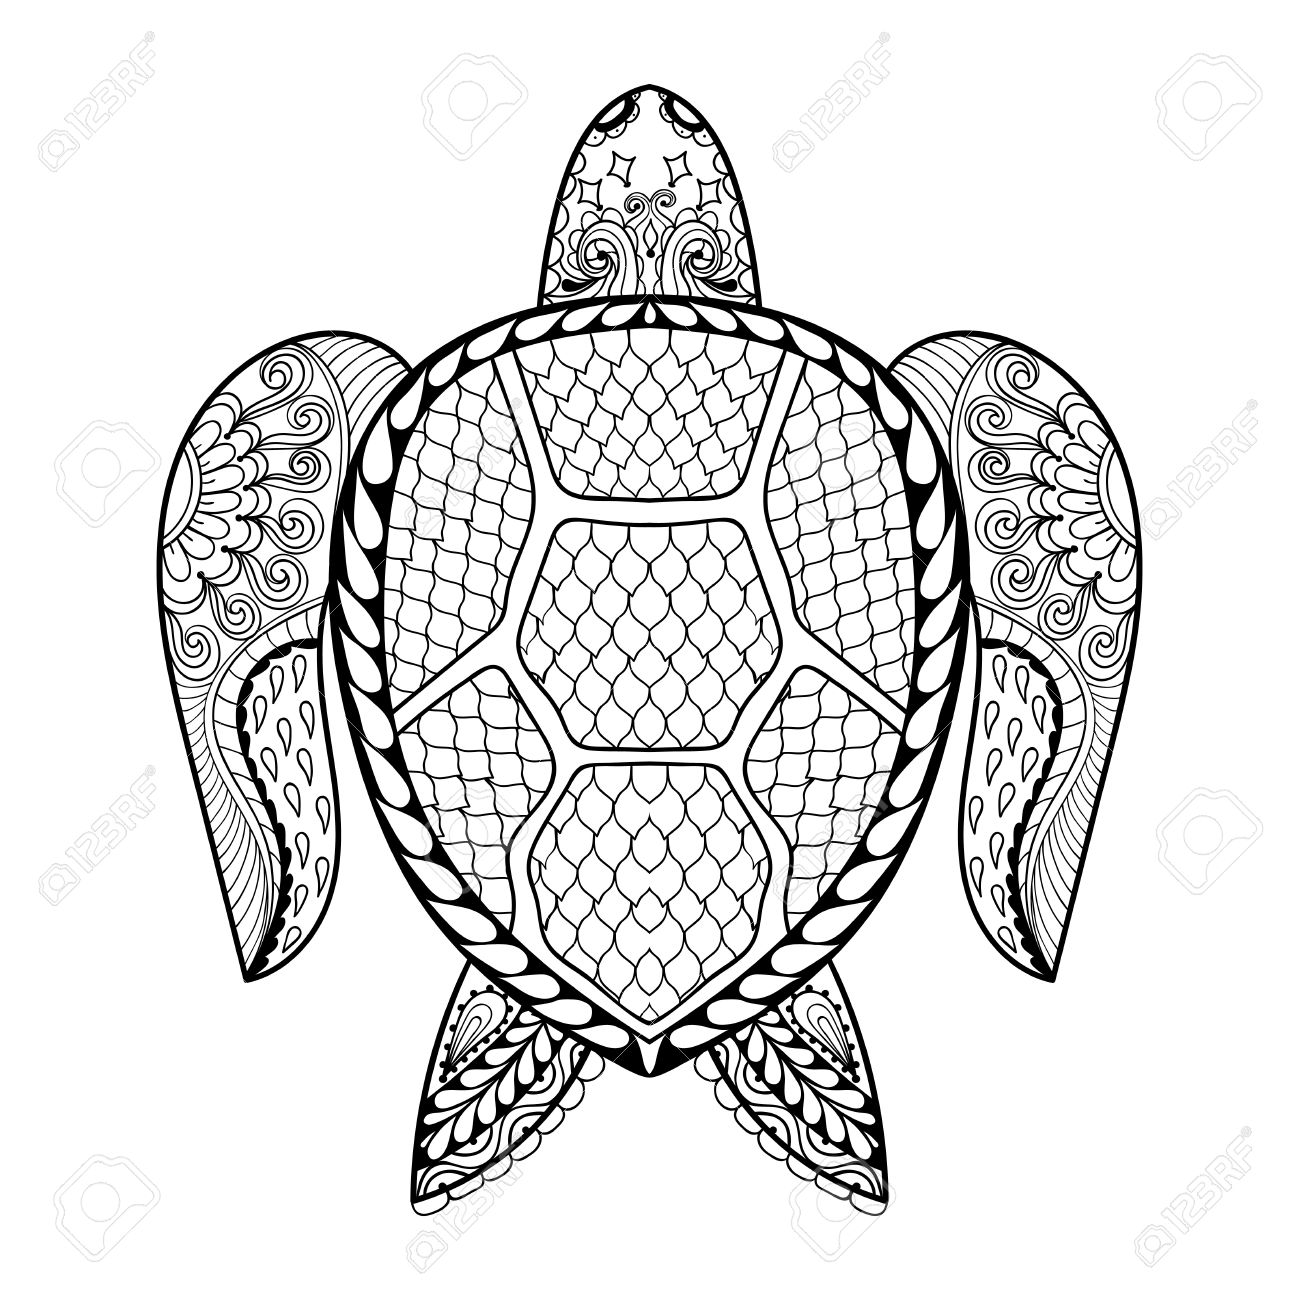 Mano De La Mascota De La Tortuga De Mar Dibujado Para Las Páginas Para Colorear En Adultos Arte Del Zentangle Estilo Tribal étnica Mehndi Tatuaje